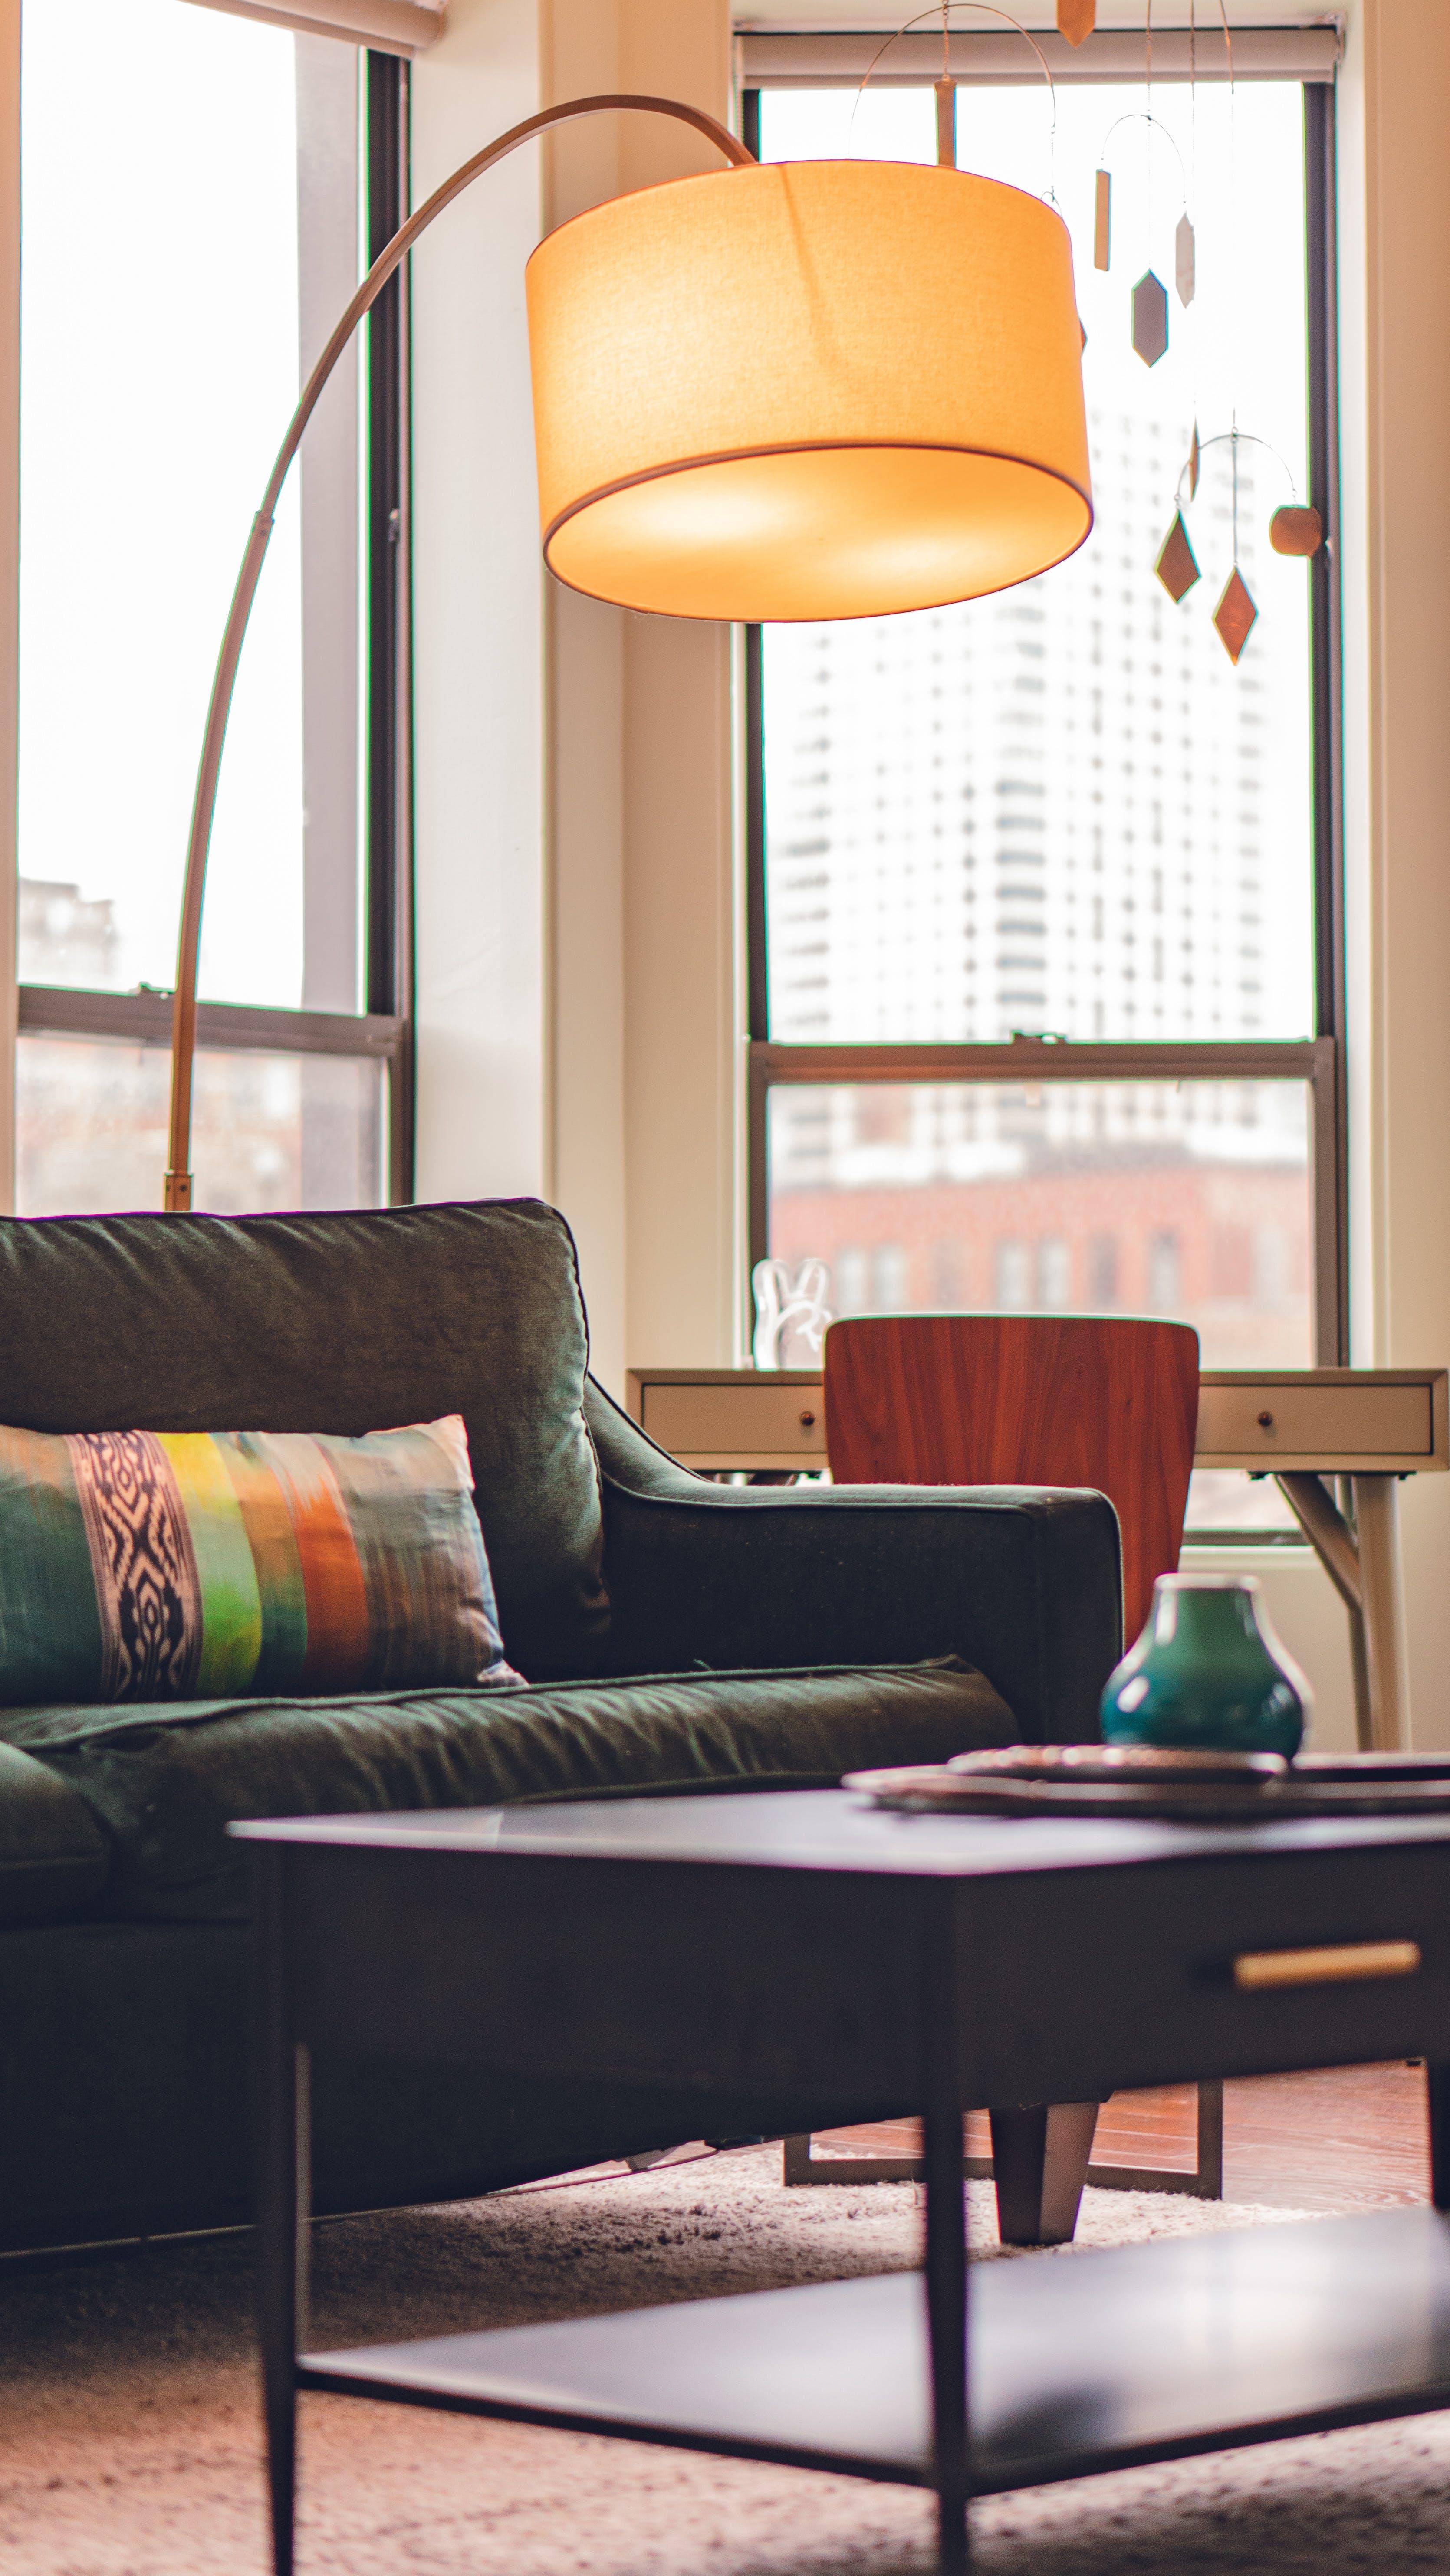 Free stock photo of comfort, cozy, interiors